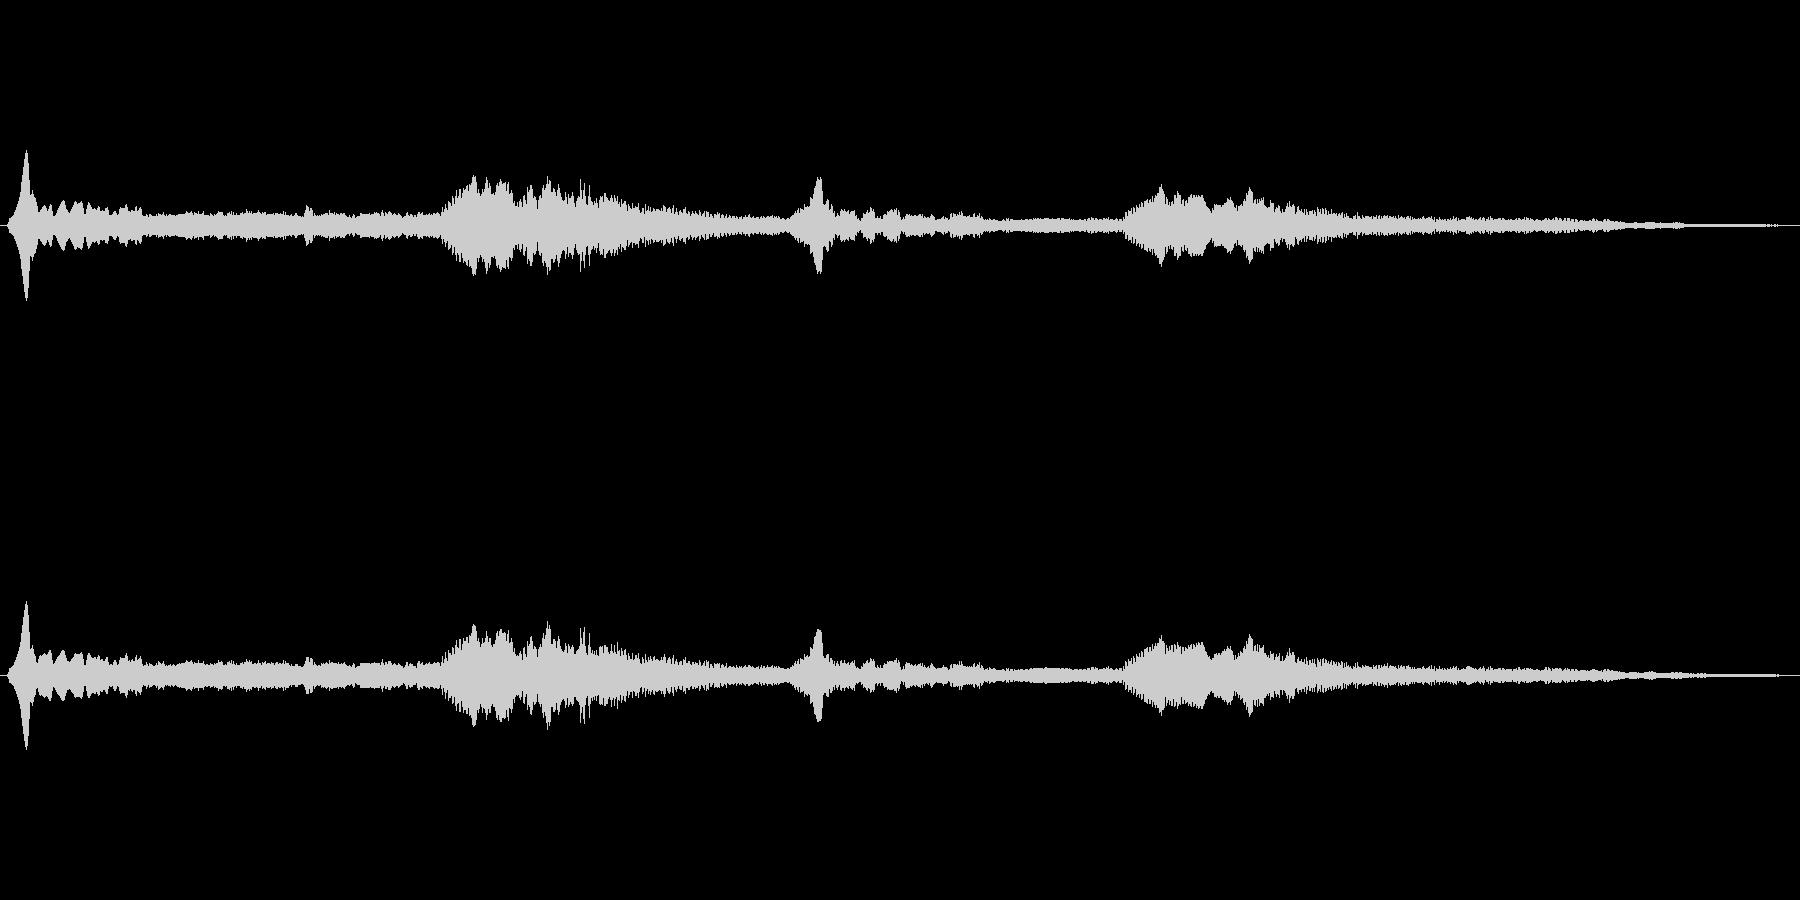 宇宙っぽい電子音3の未再生の波形